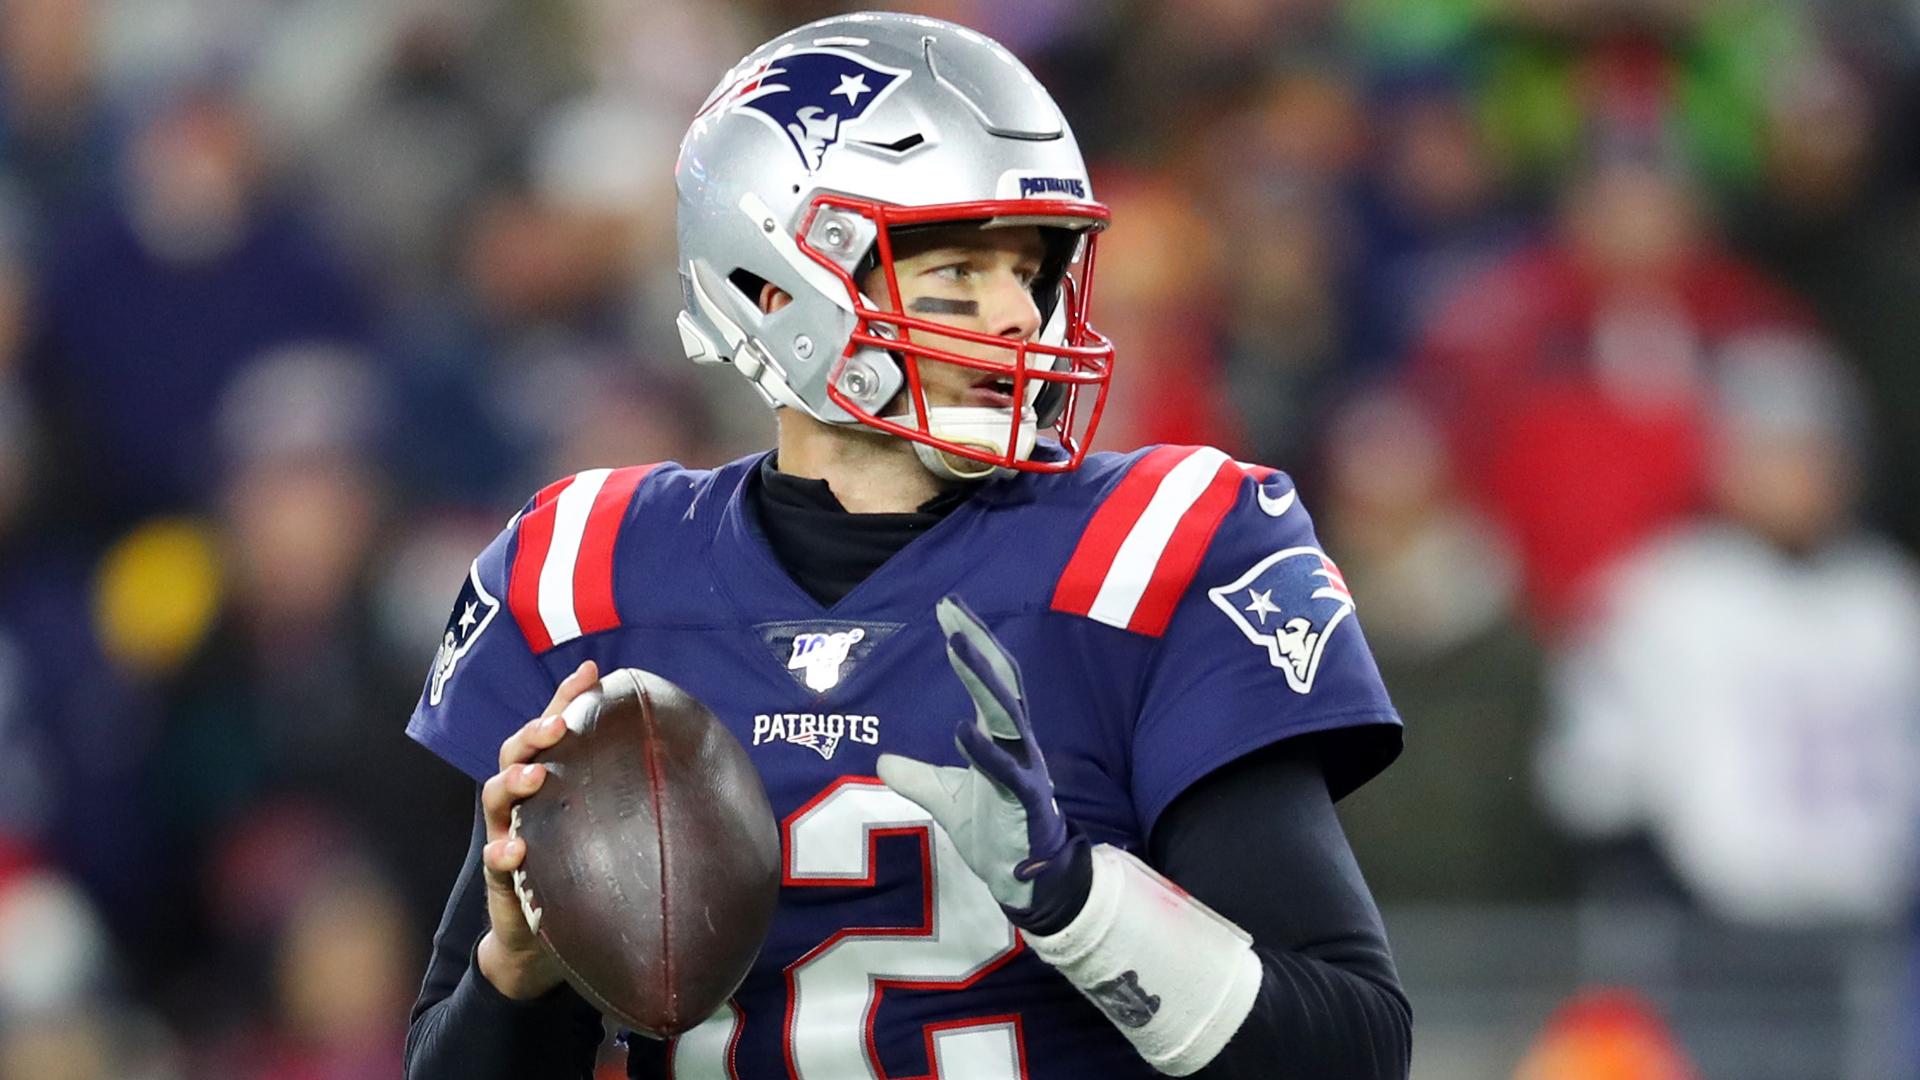 """Tom Brady """"puede hacer cada lanzamiento"""", dice el entrenador de los Buccaneers, Bruce Arians. 31"""